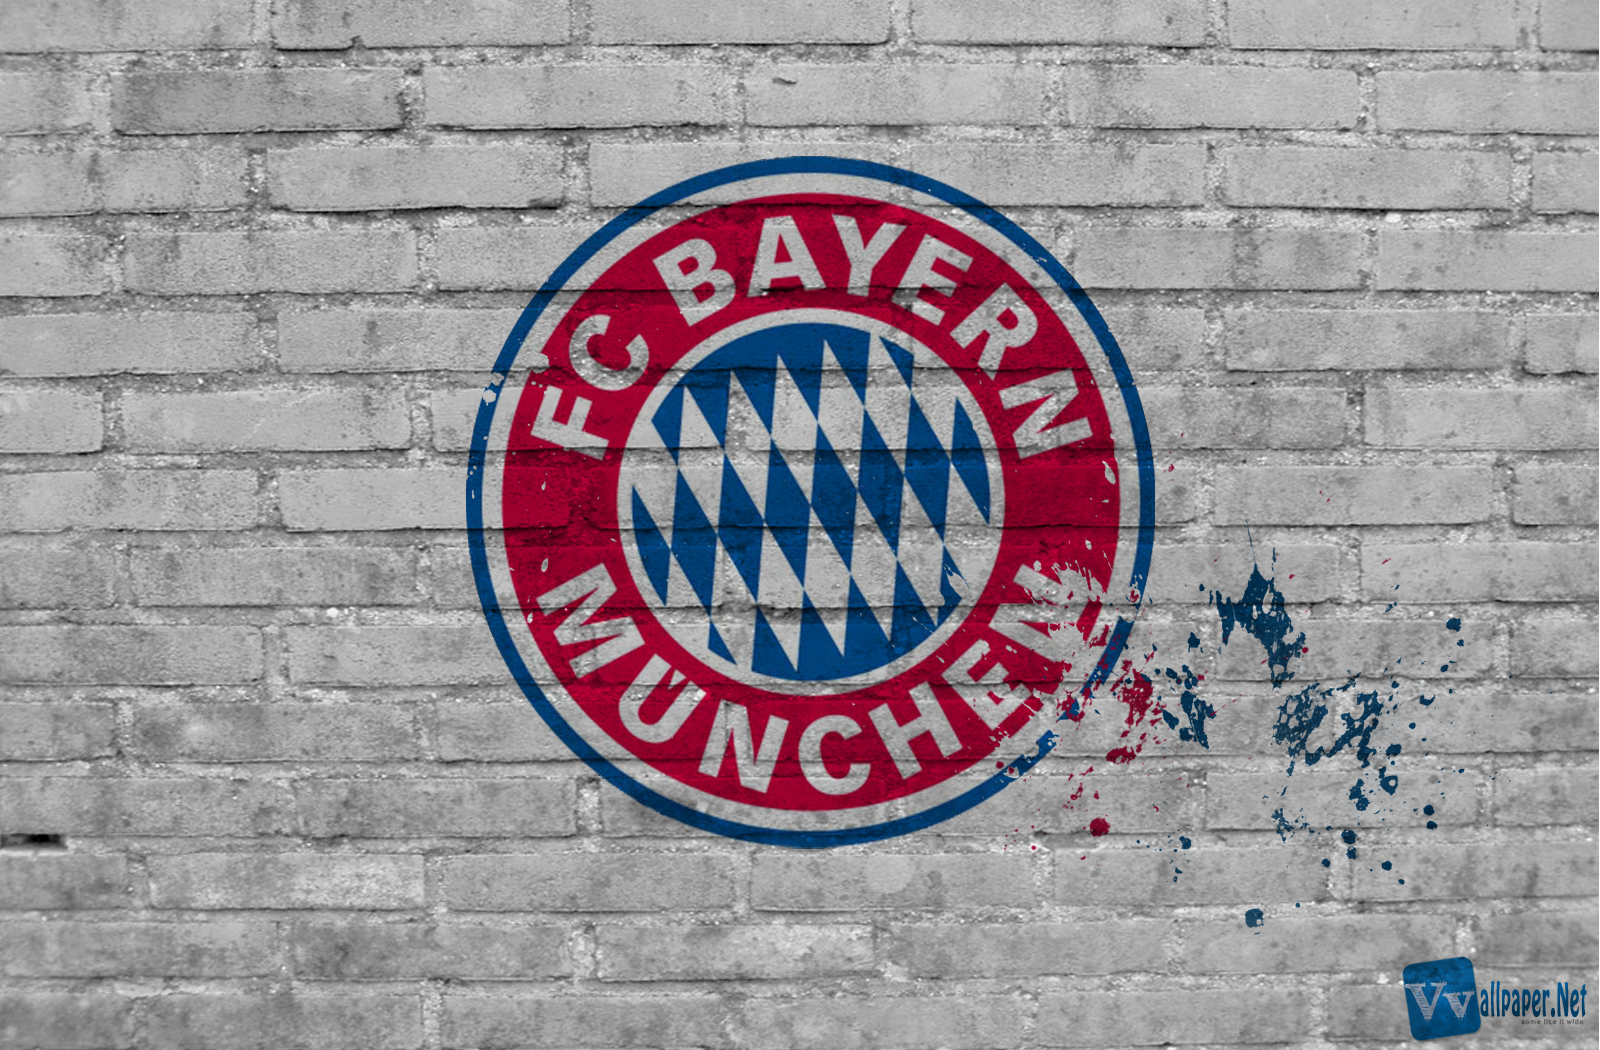 Fc bayern munich hd wallpapers 2013 2014 football stars world fc bayern munich hd wallpapers 2013 2014 voltagebd Images